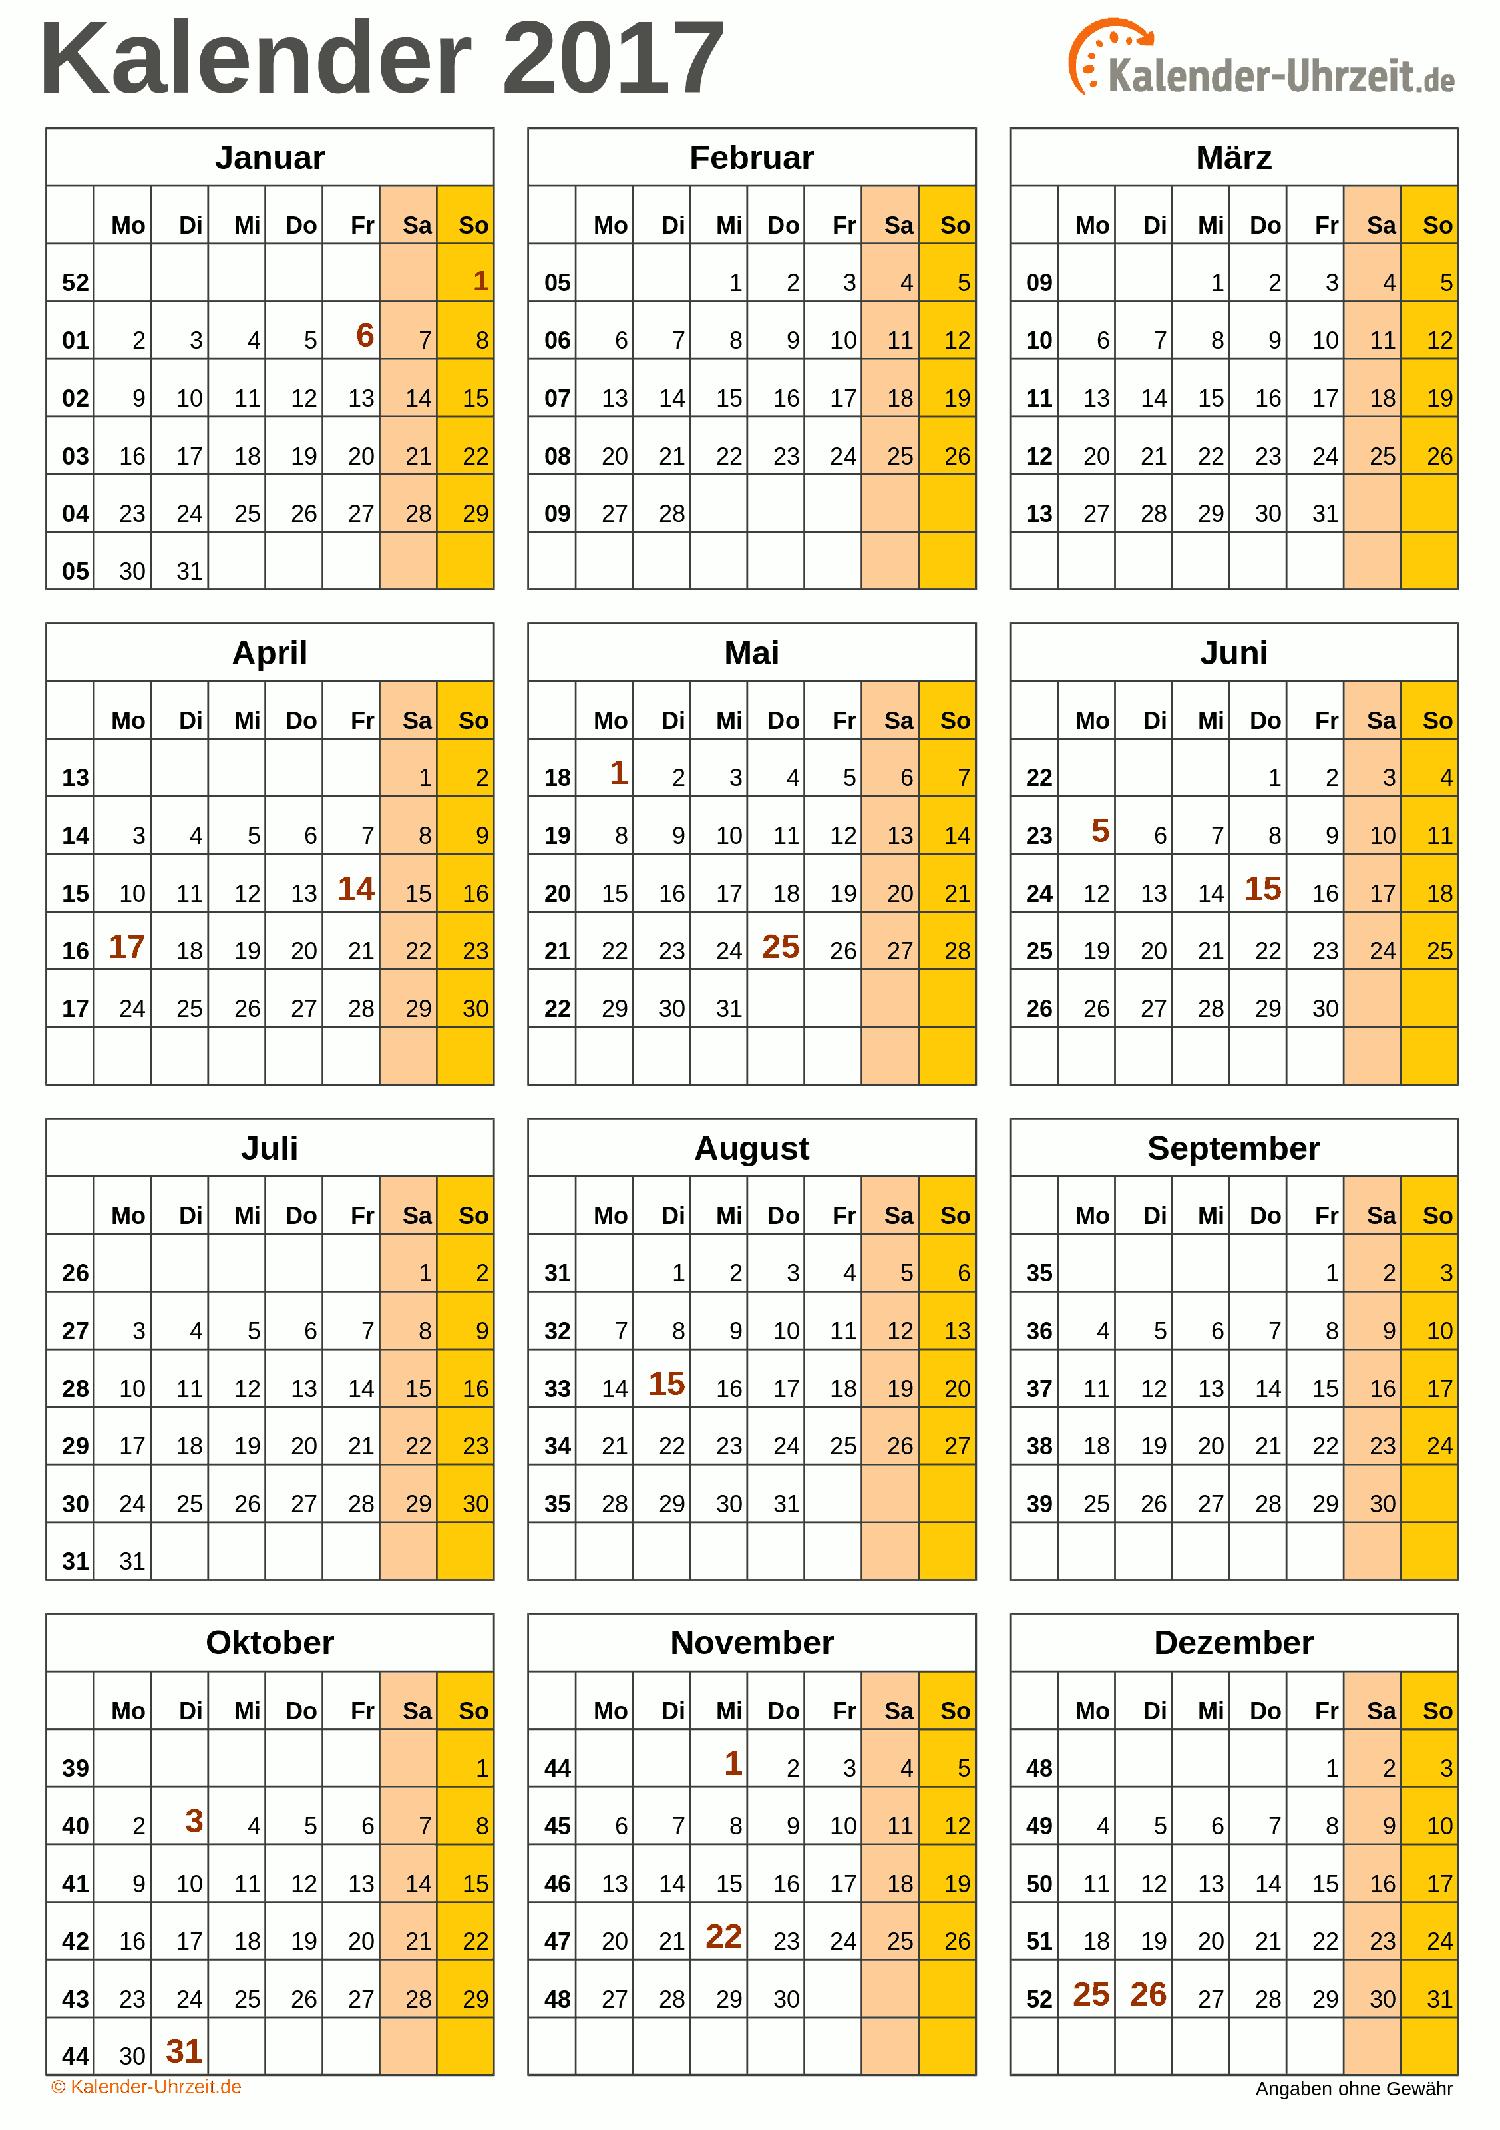 Kalender 2017 A4-Hochformat - Vorlage 3. #KalUhr Weitere Kalender ...